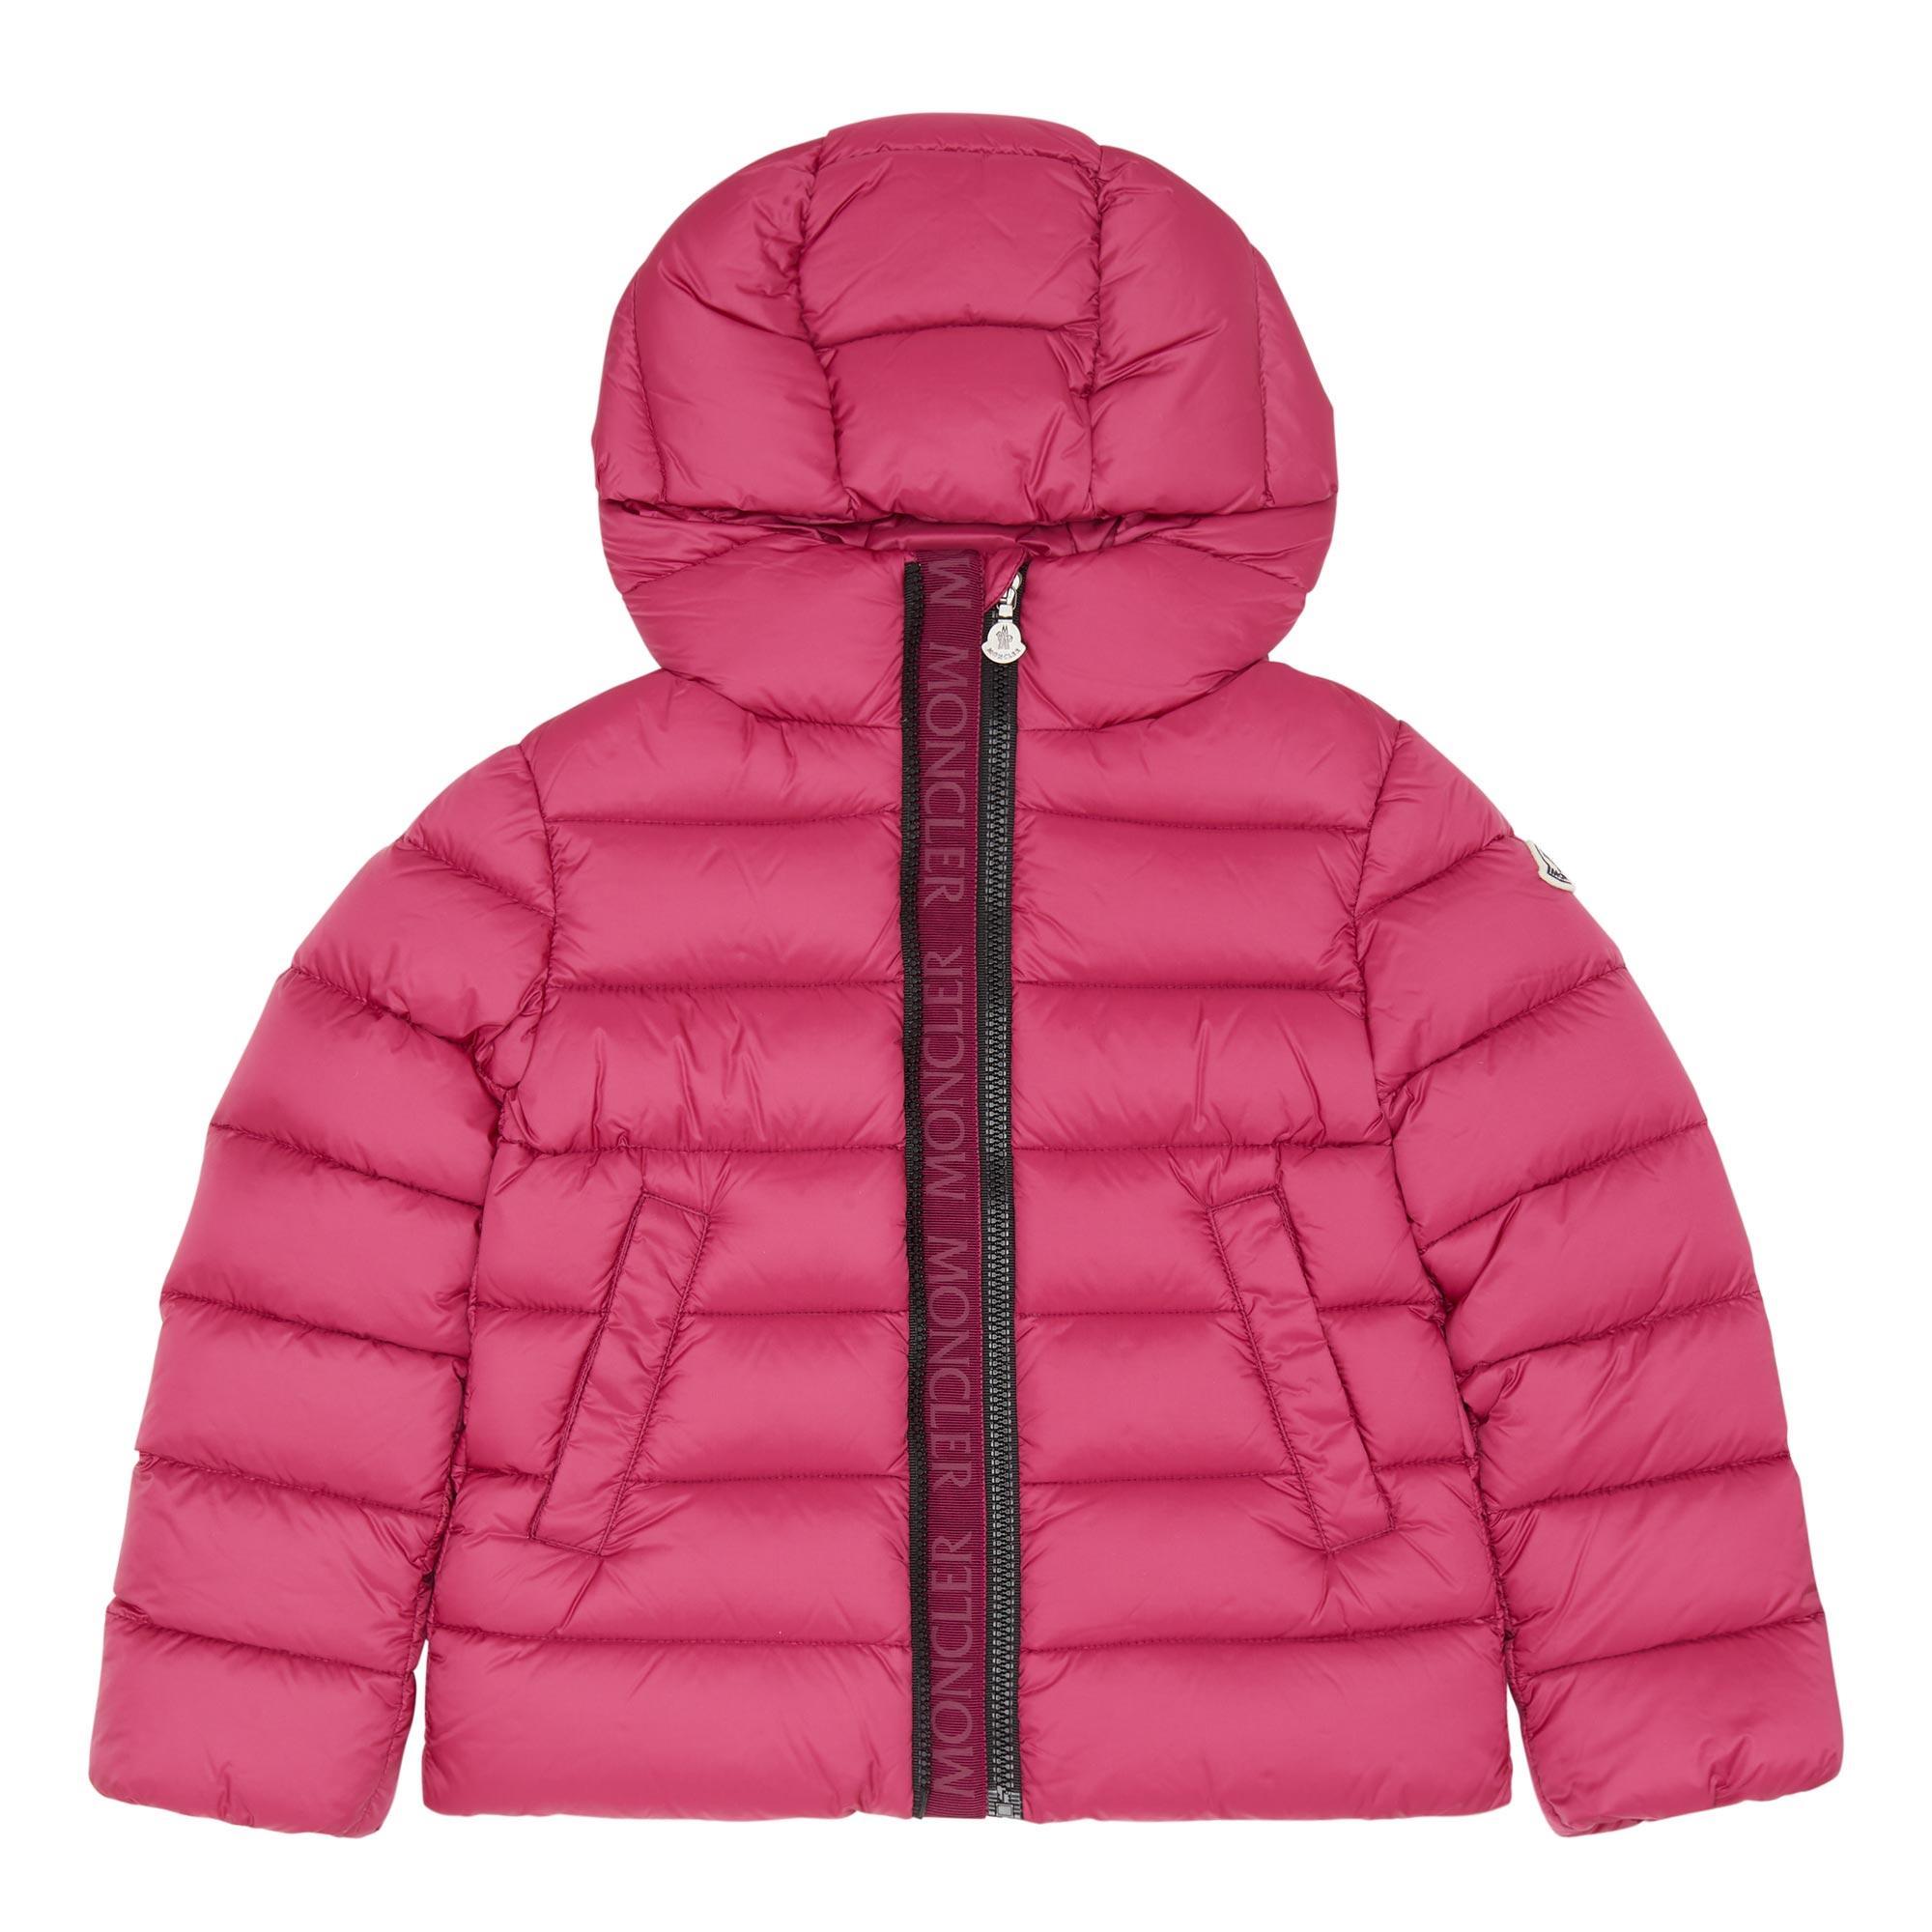 Alithia Padded Jacket